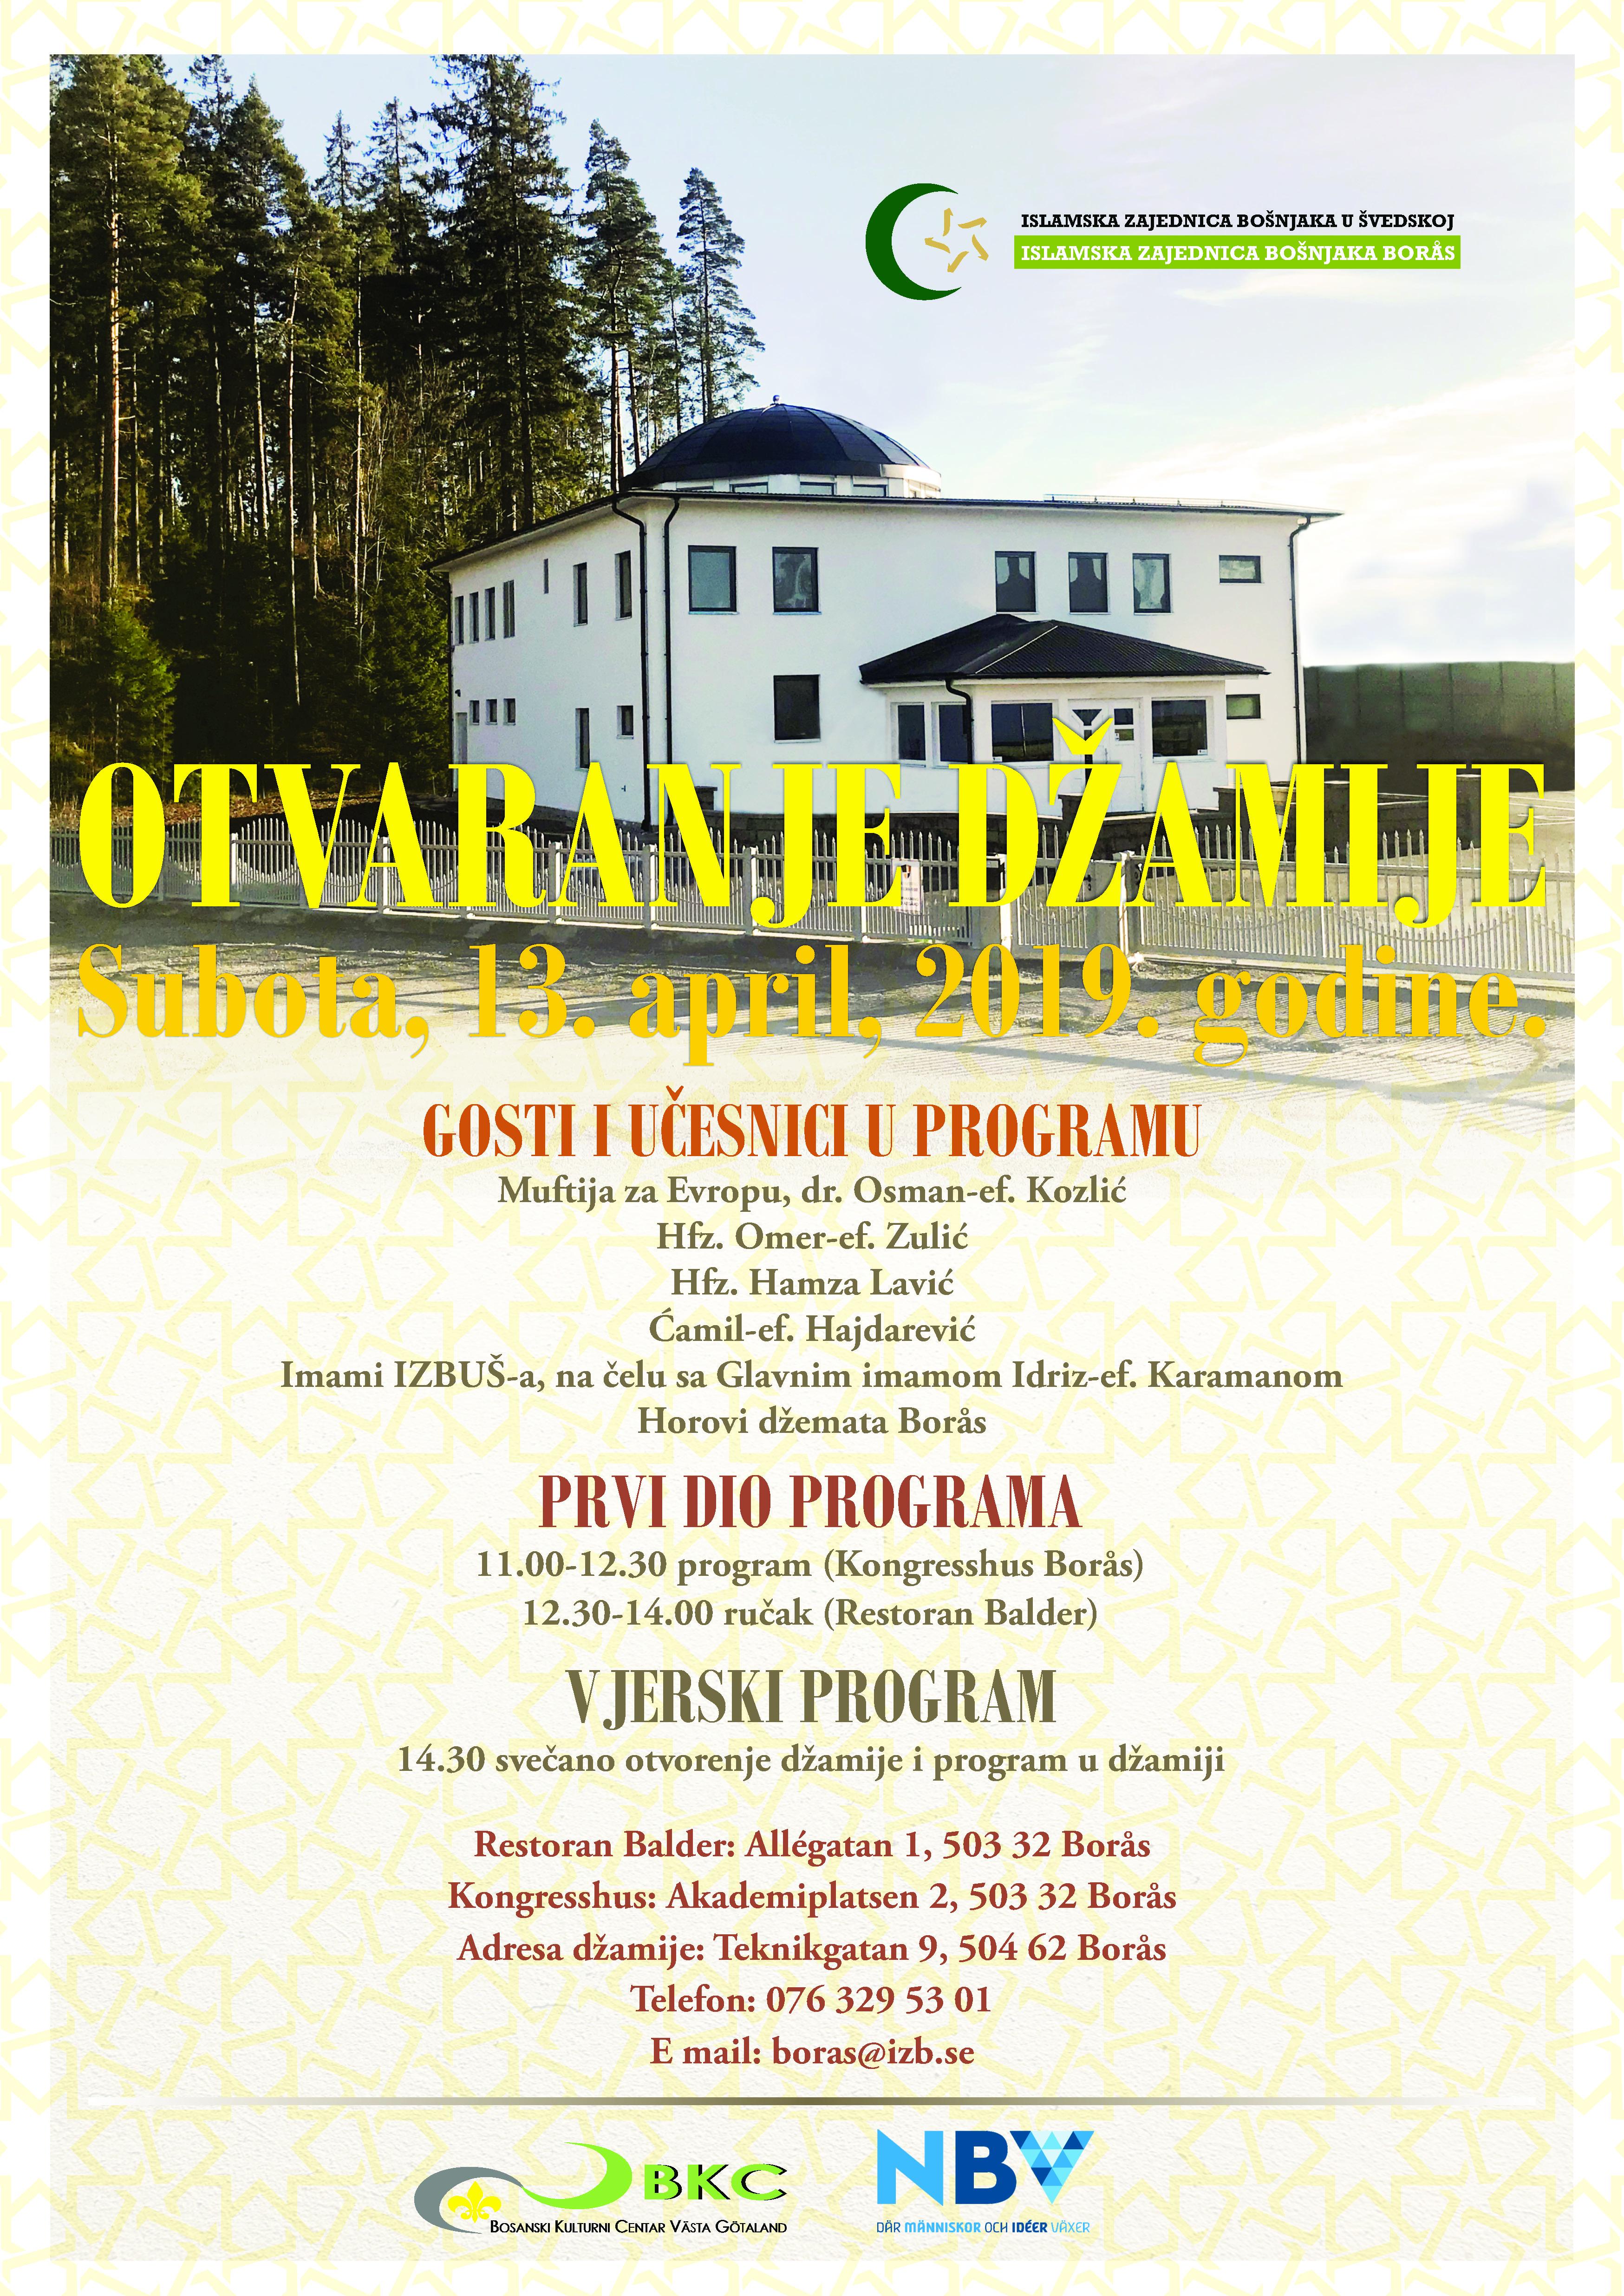 Otvaranje džamije u Džematu Borås